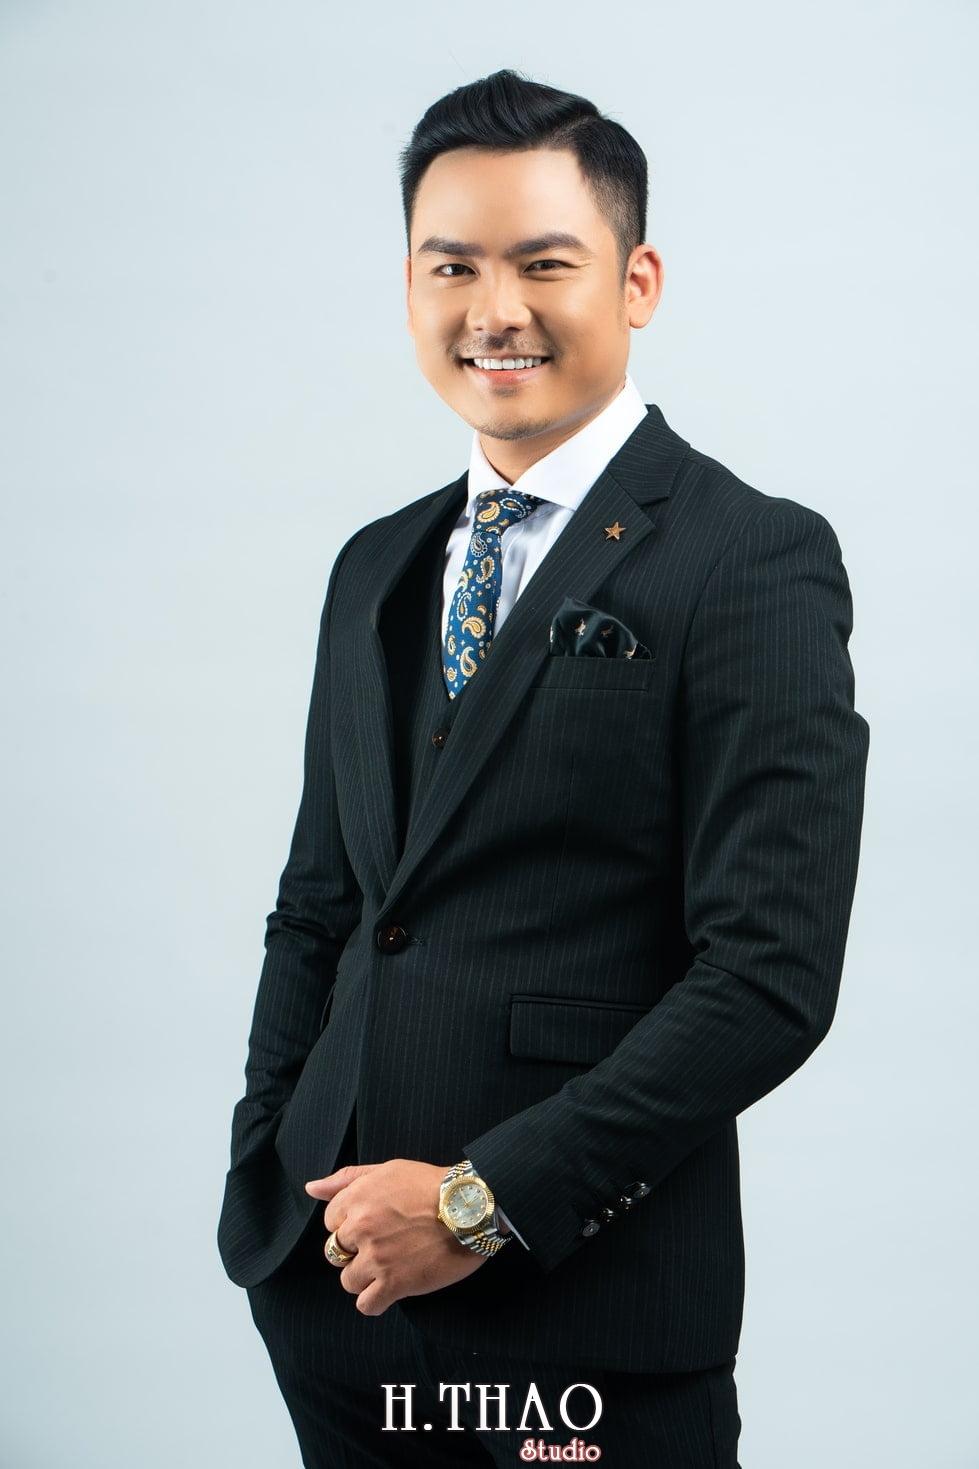 Anh Doanh nhan 30 1 - Báo giá chụp ảnh doanh nhân